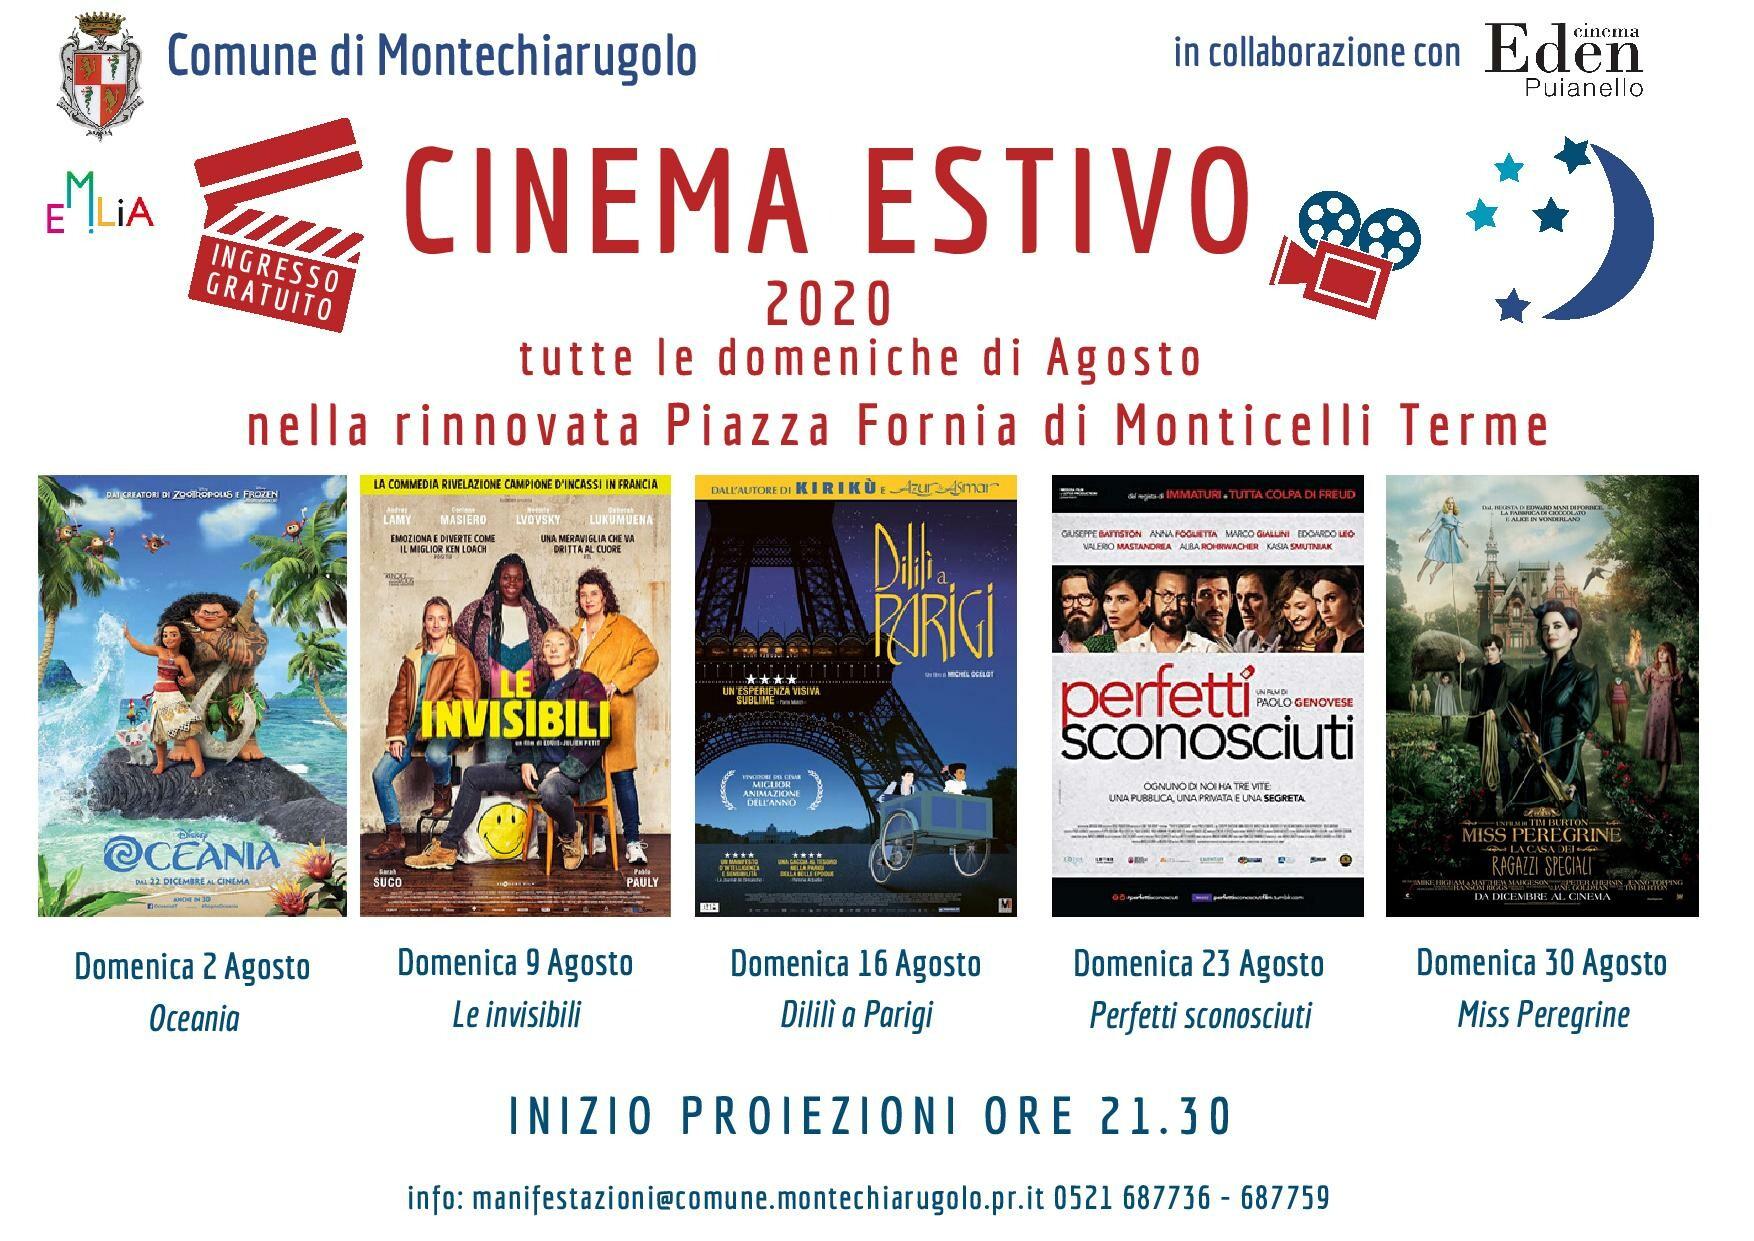 Cinema estivo in Piazza Fornia  a Monticelli Terme